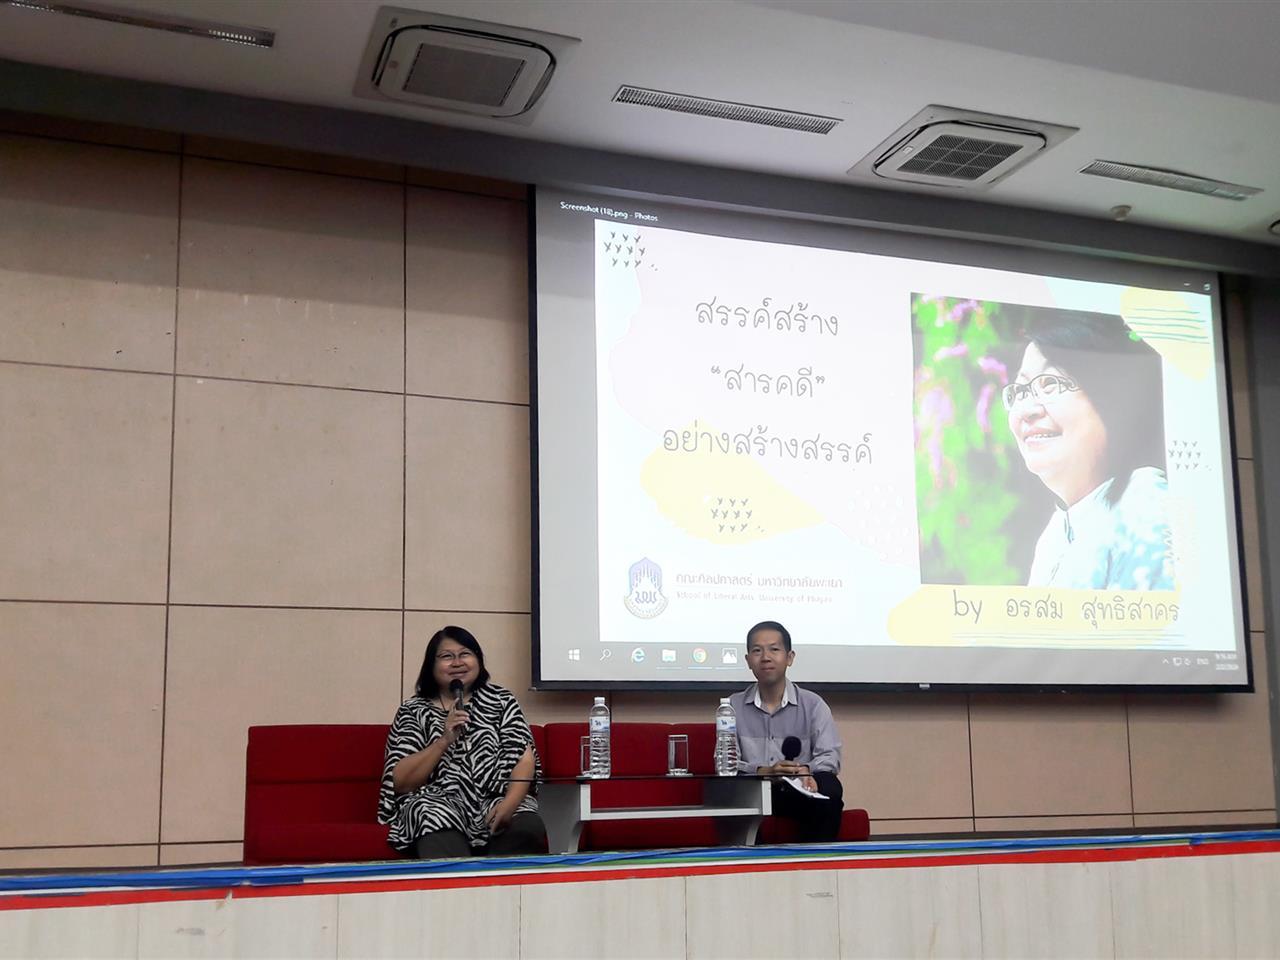 """สาขาวิชาภาษาไทย คณะศิลปศาสตร์ จัดโครงการ """"สรรค์สร้างวรรณกรรมอย่างสร้างสรรค์"""""""